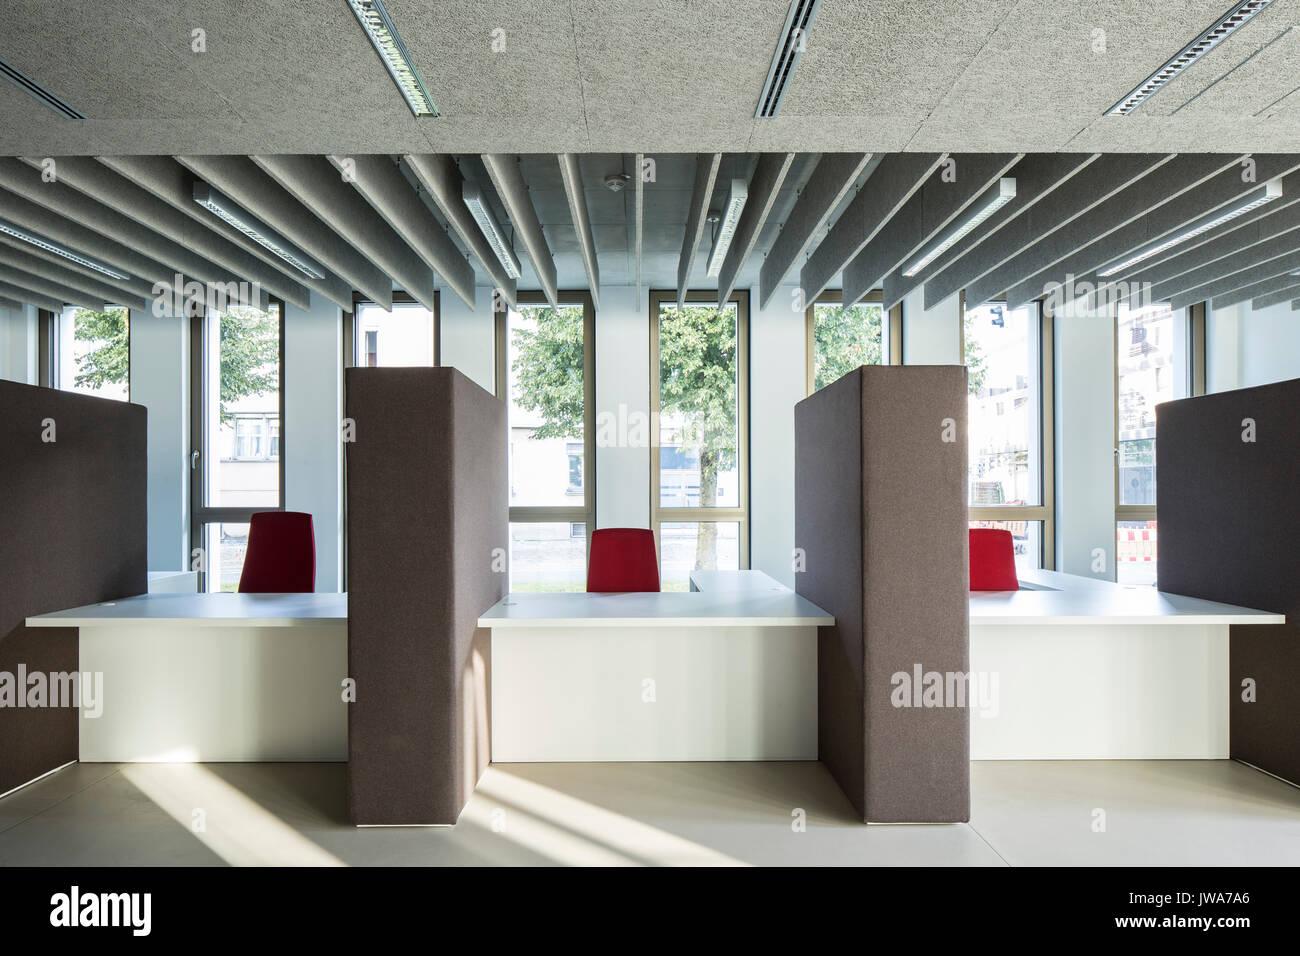 Architekten Biberach reception and information finanzamt finance office biberach stock